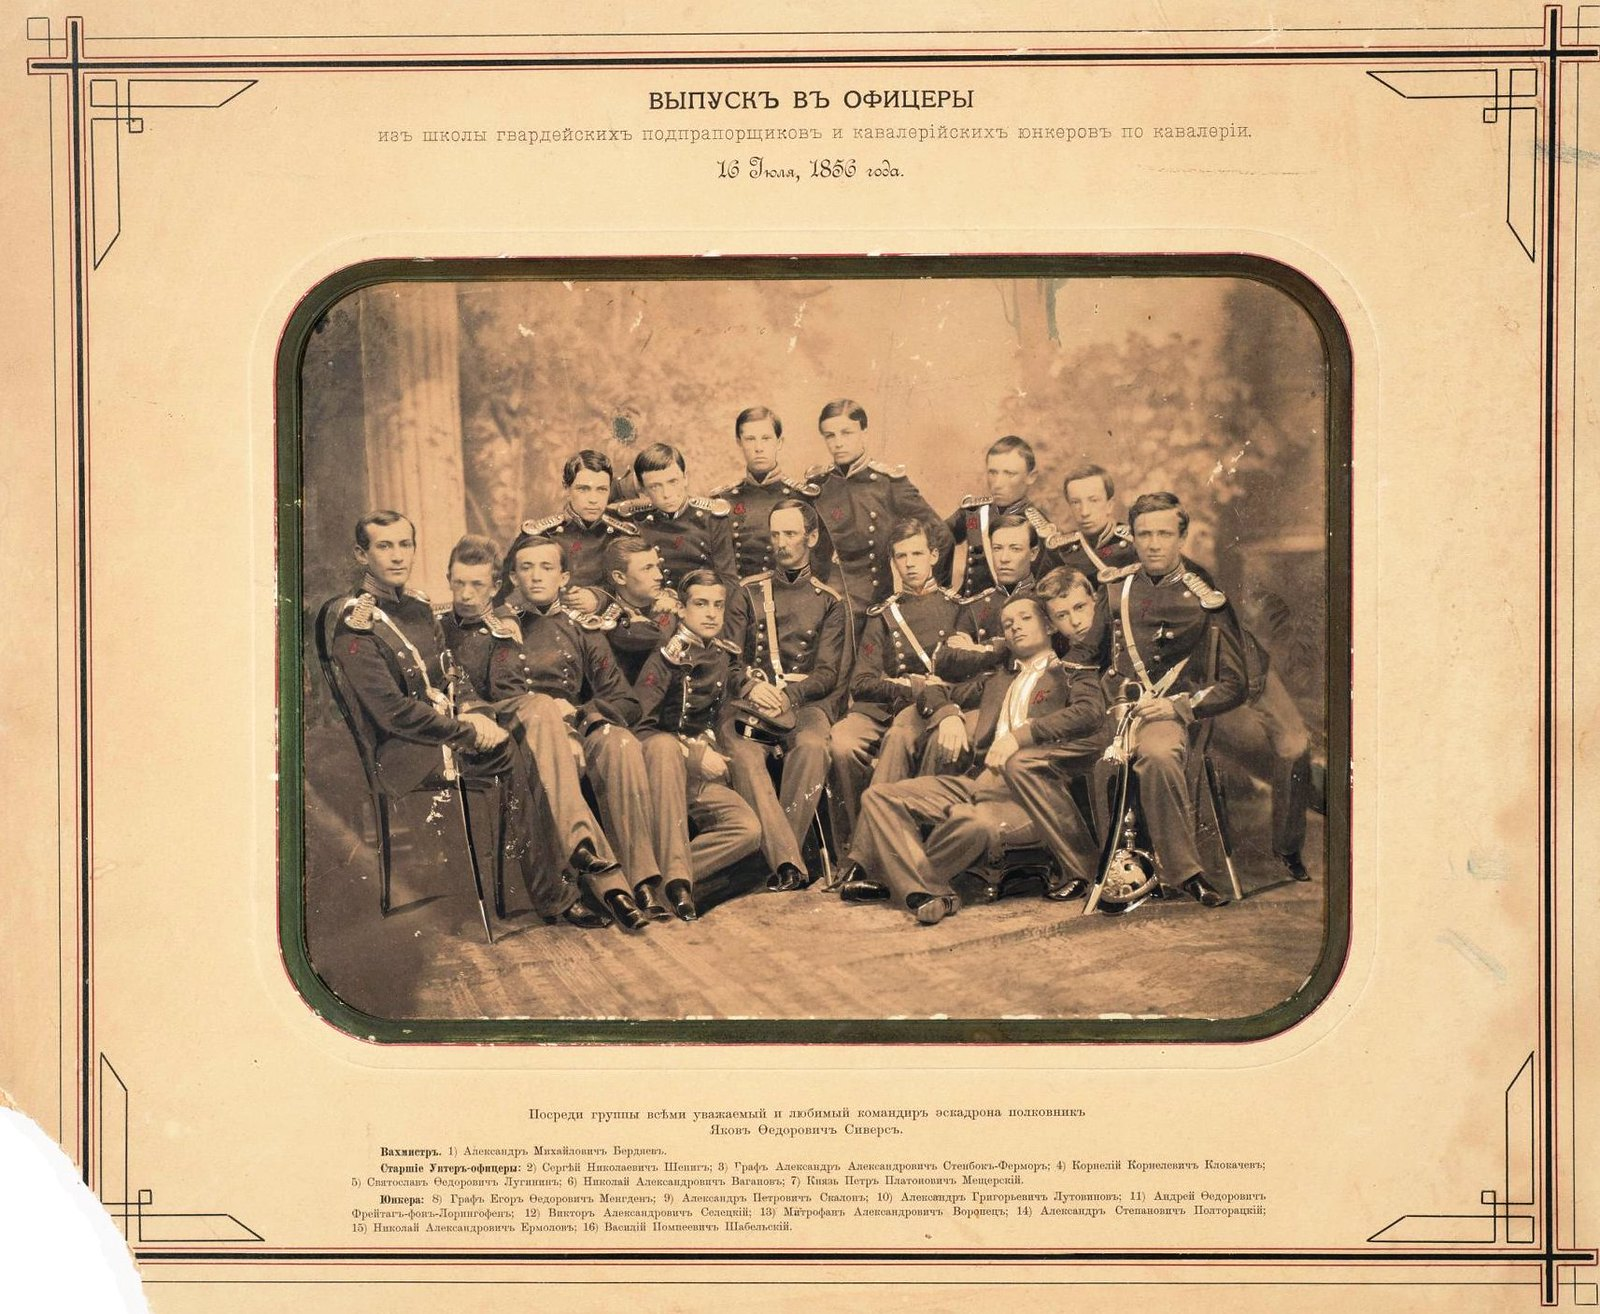 1856. Групповой снимок выпускников из школы гвардейских подпрапорщиков и кавалерийских юнкеров по кавалерии